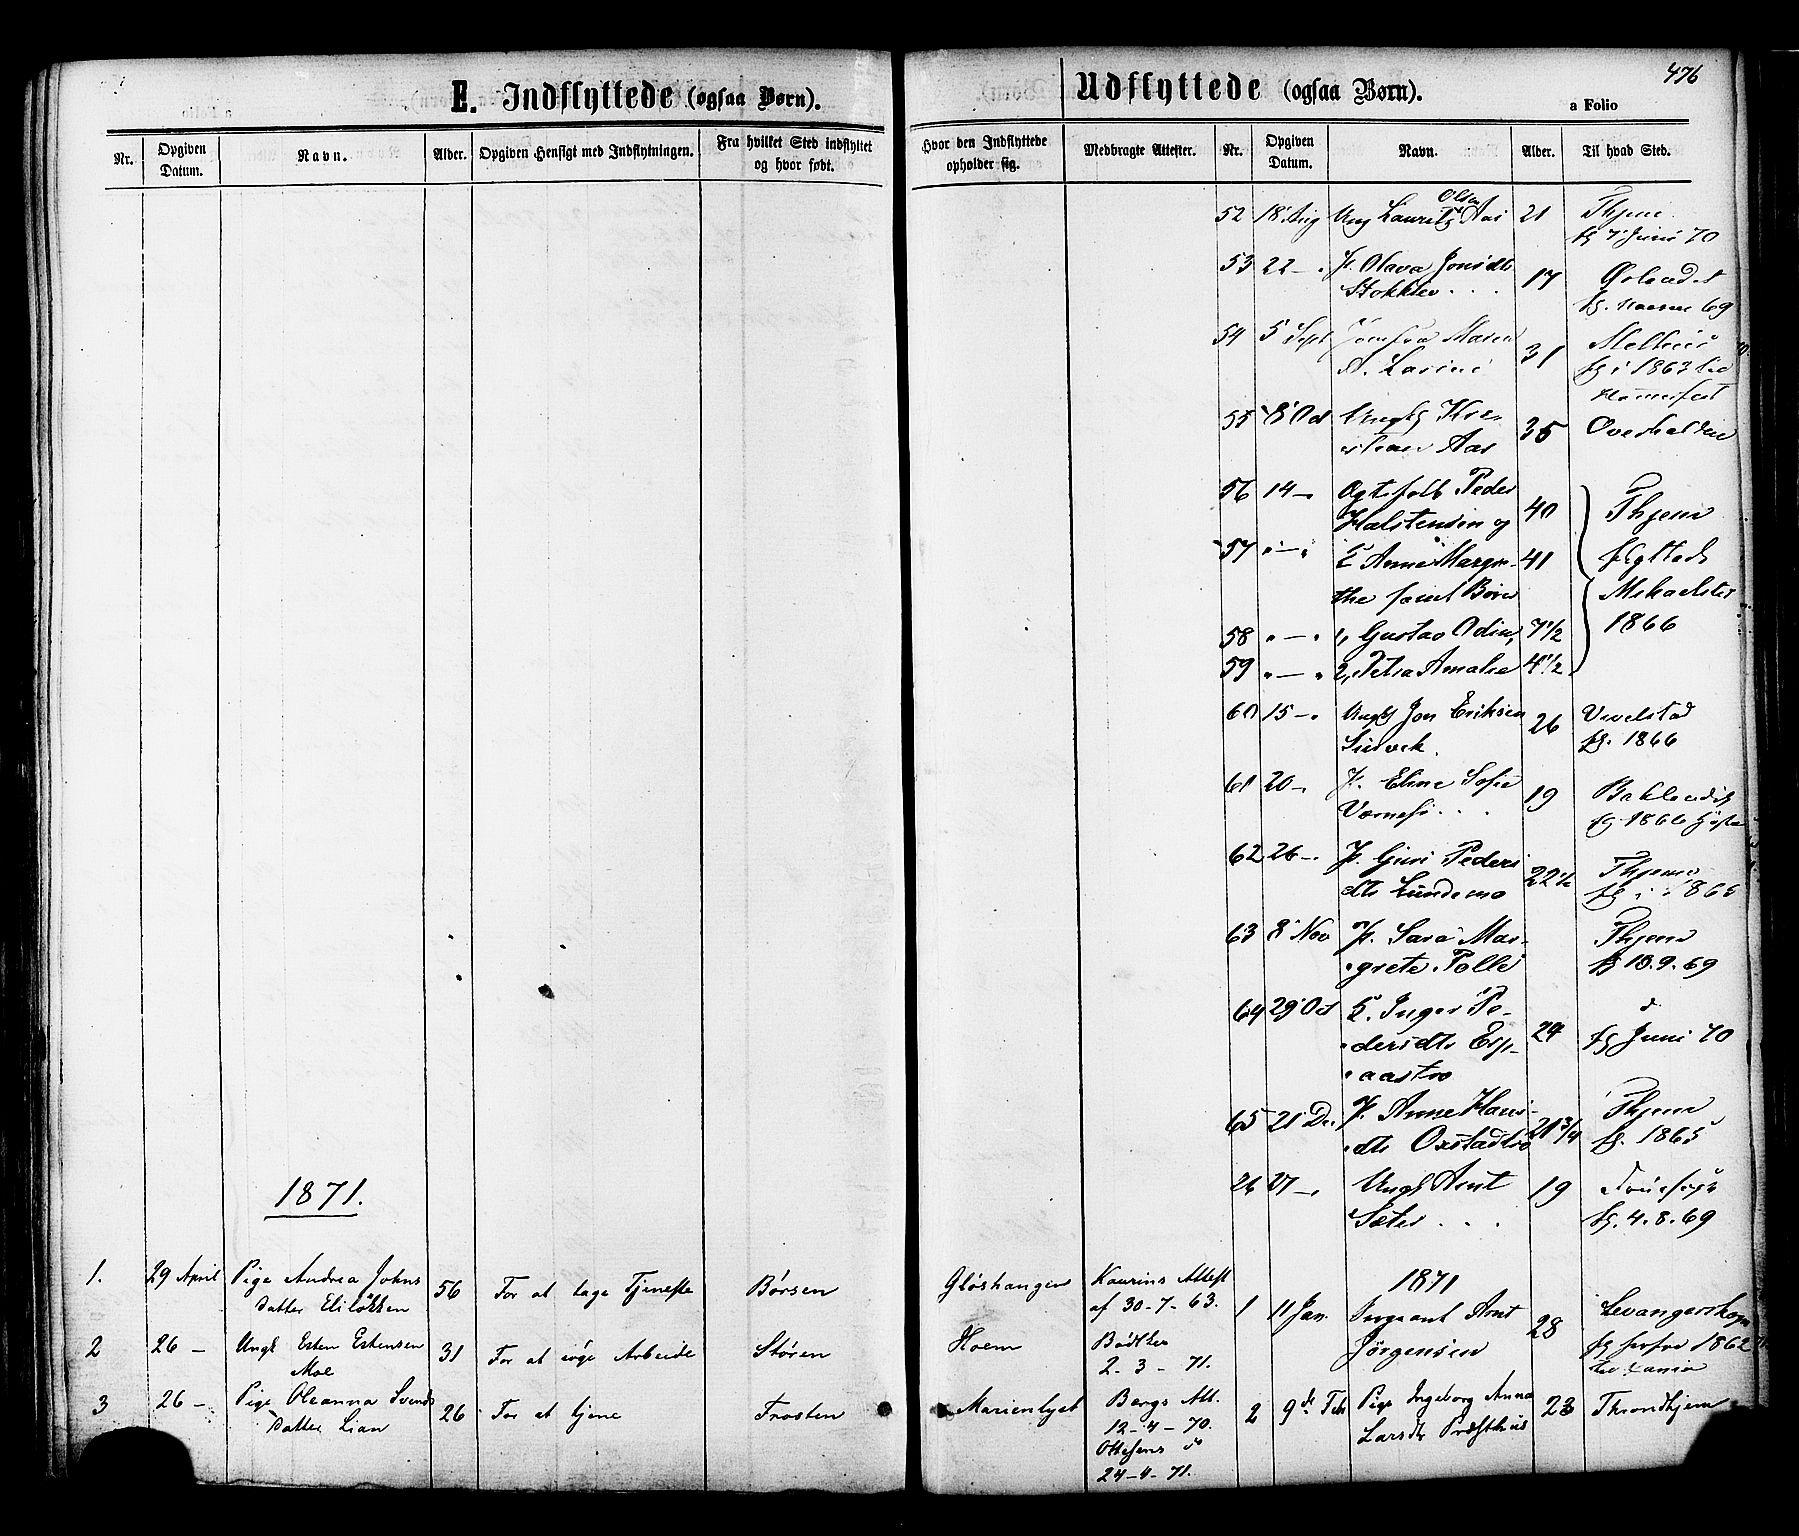 SAT, Ministerialprotokoller, klokkerbøker og fødselsregistre - Sør-Trøndelag, 606/L0293: Ministerialbok nr. 606A08, 1866-1877, s. 476